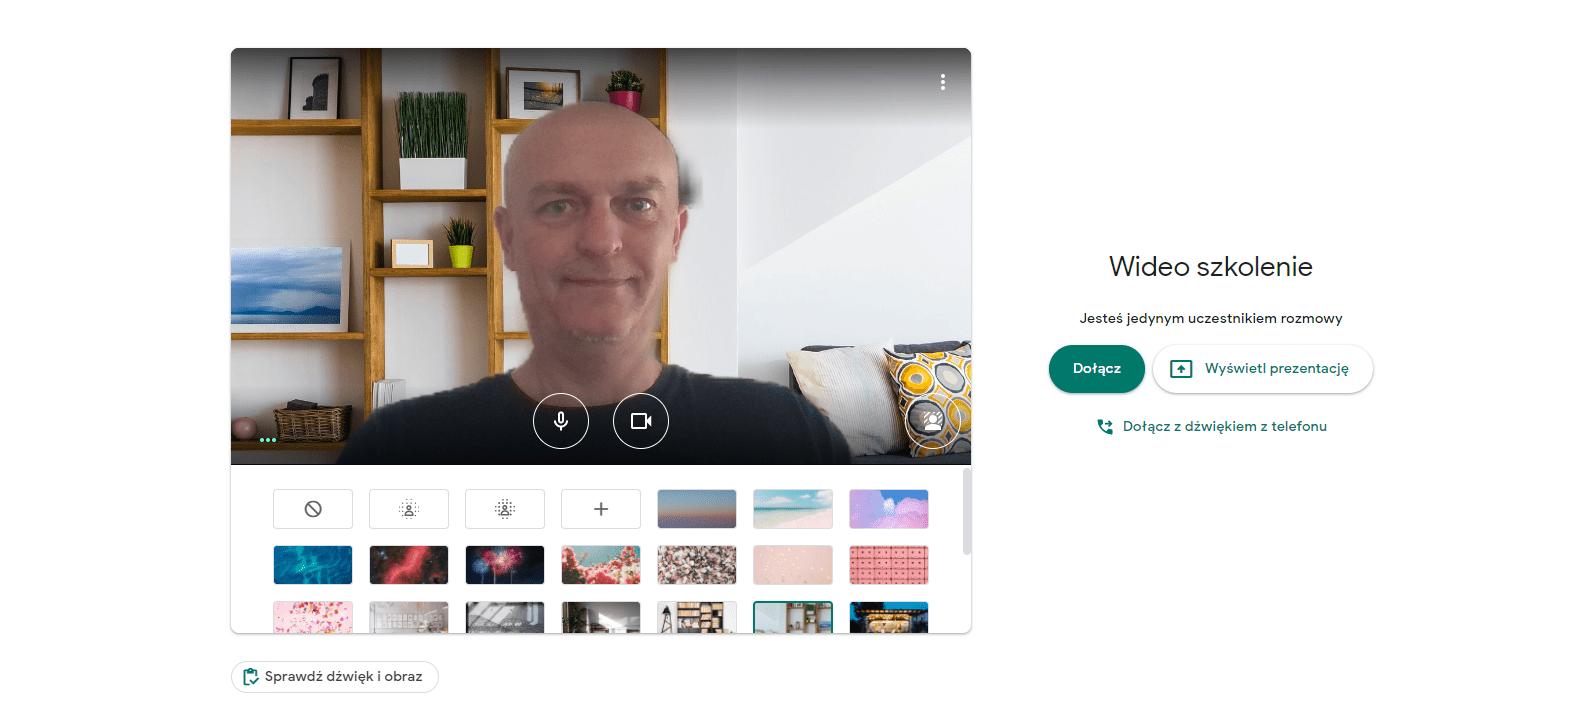 Google Meet - dołączanie do spotkania